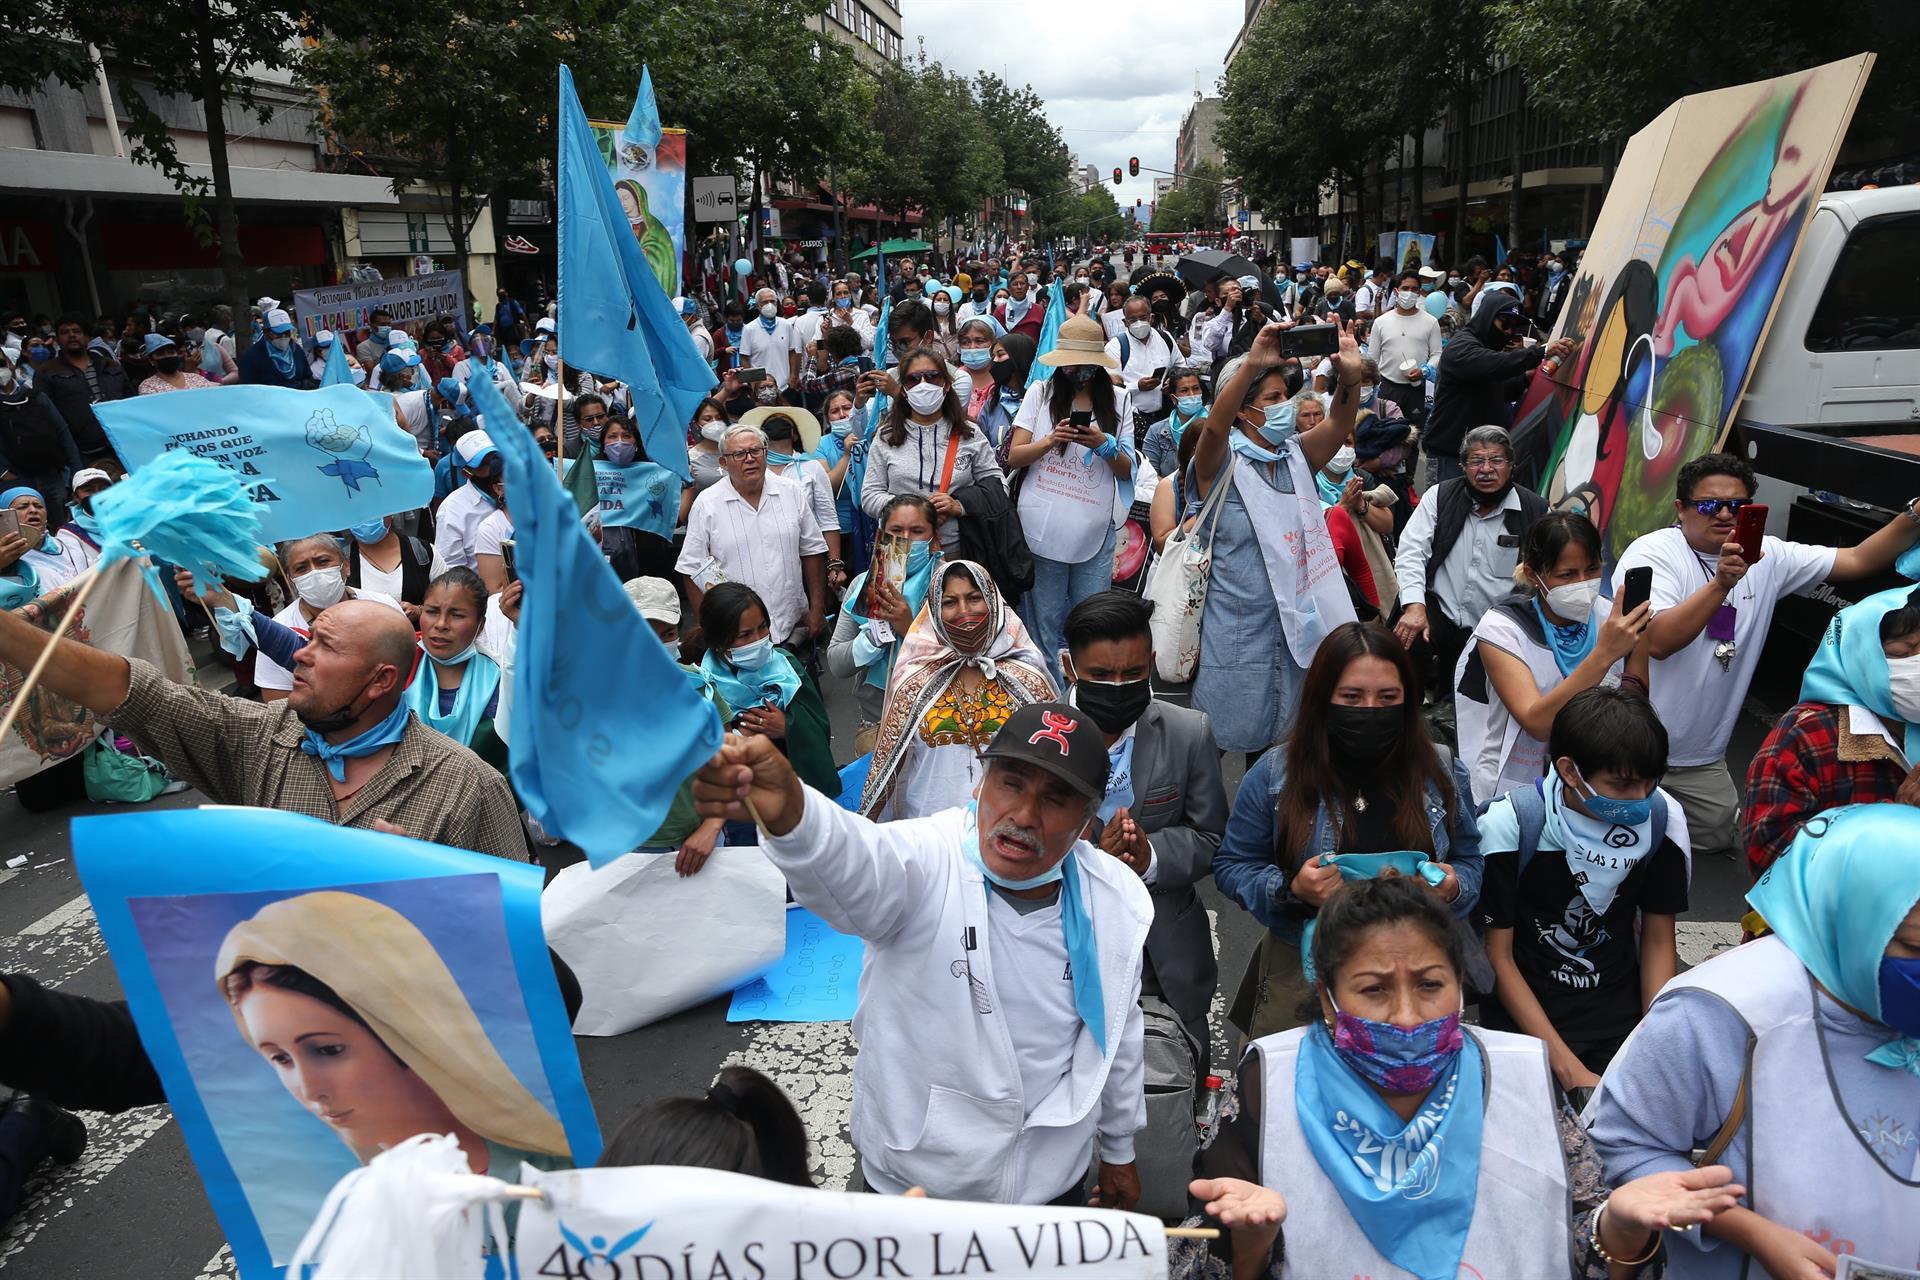 Integrantes de grupos provida protestan a las afueras de la Suprema Corte de Justicia (SCJN) (EFE)